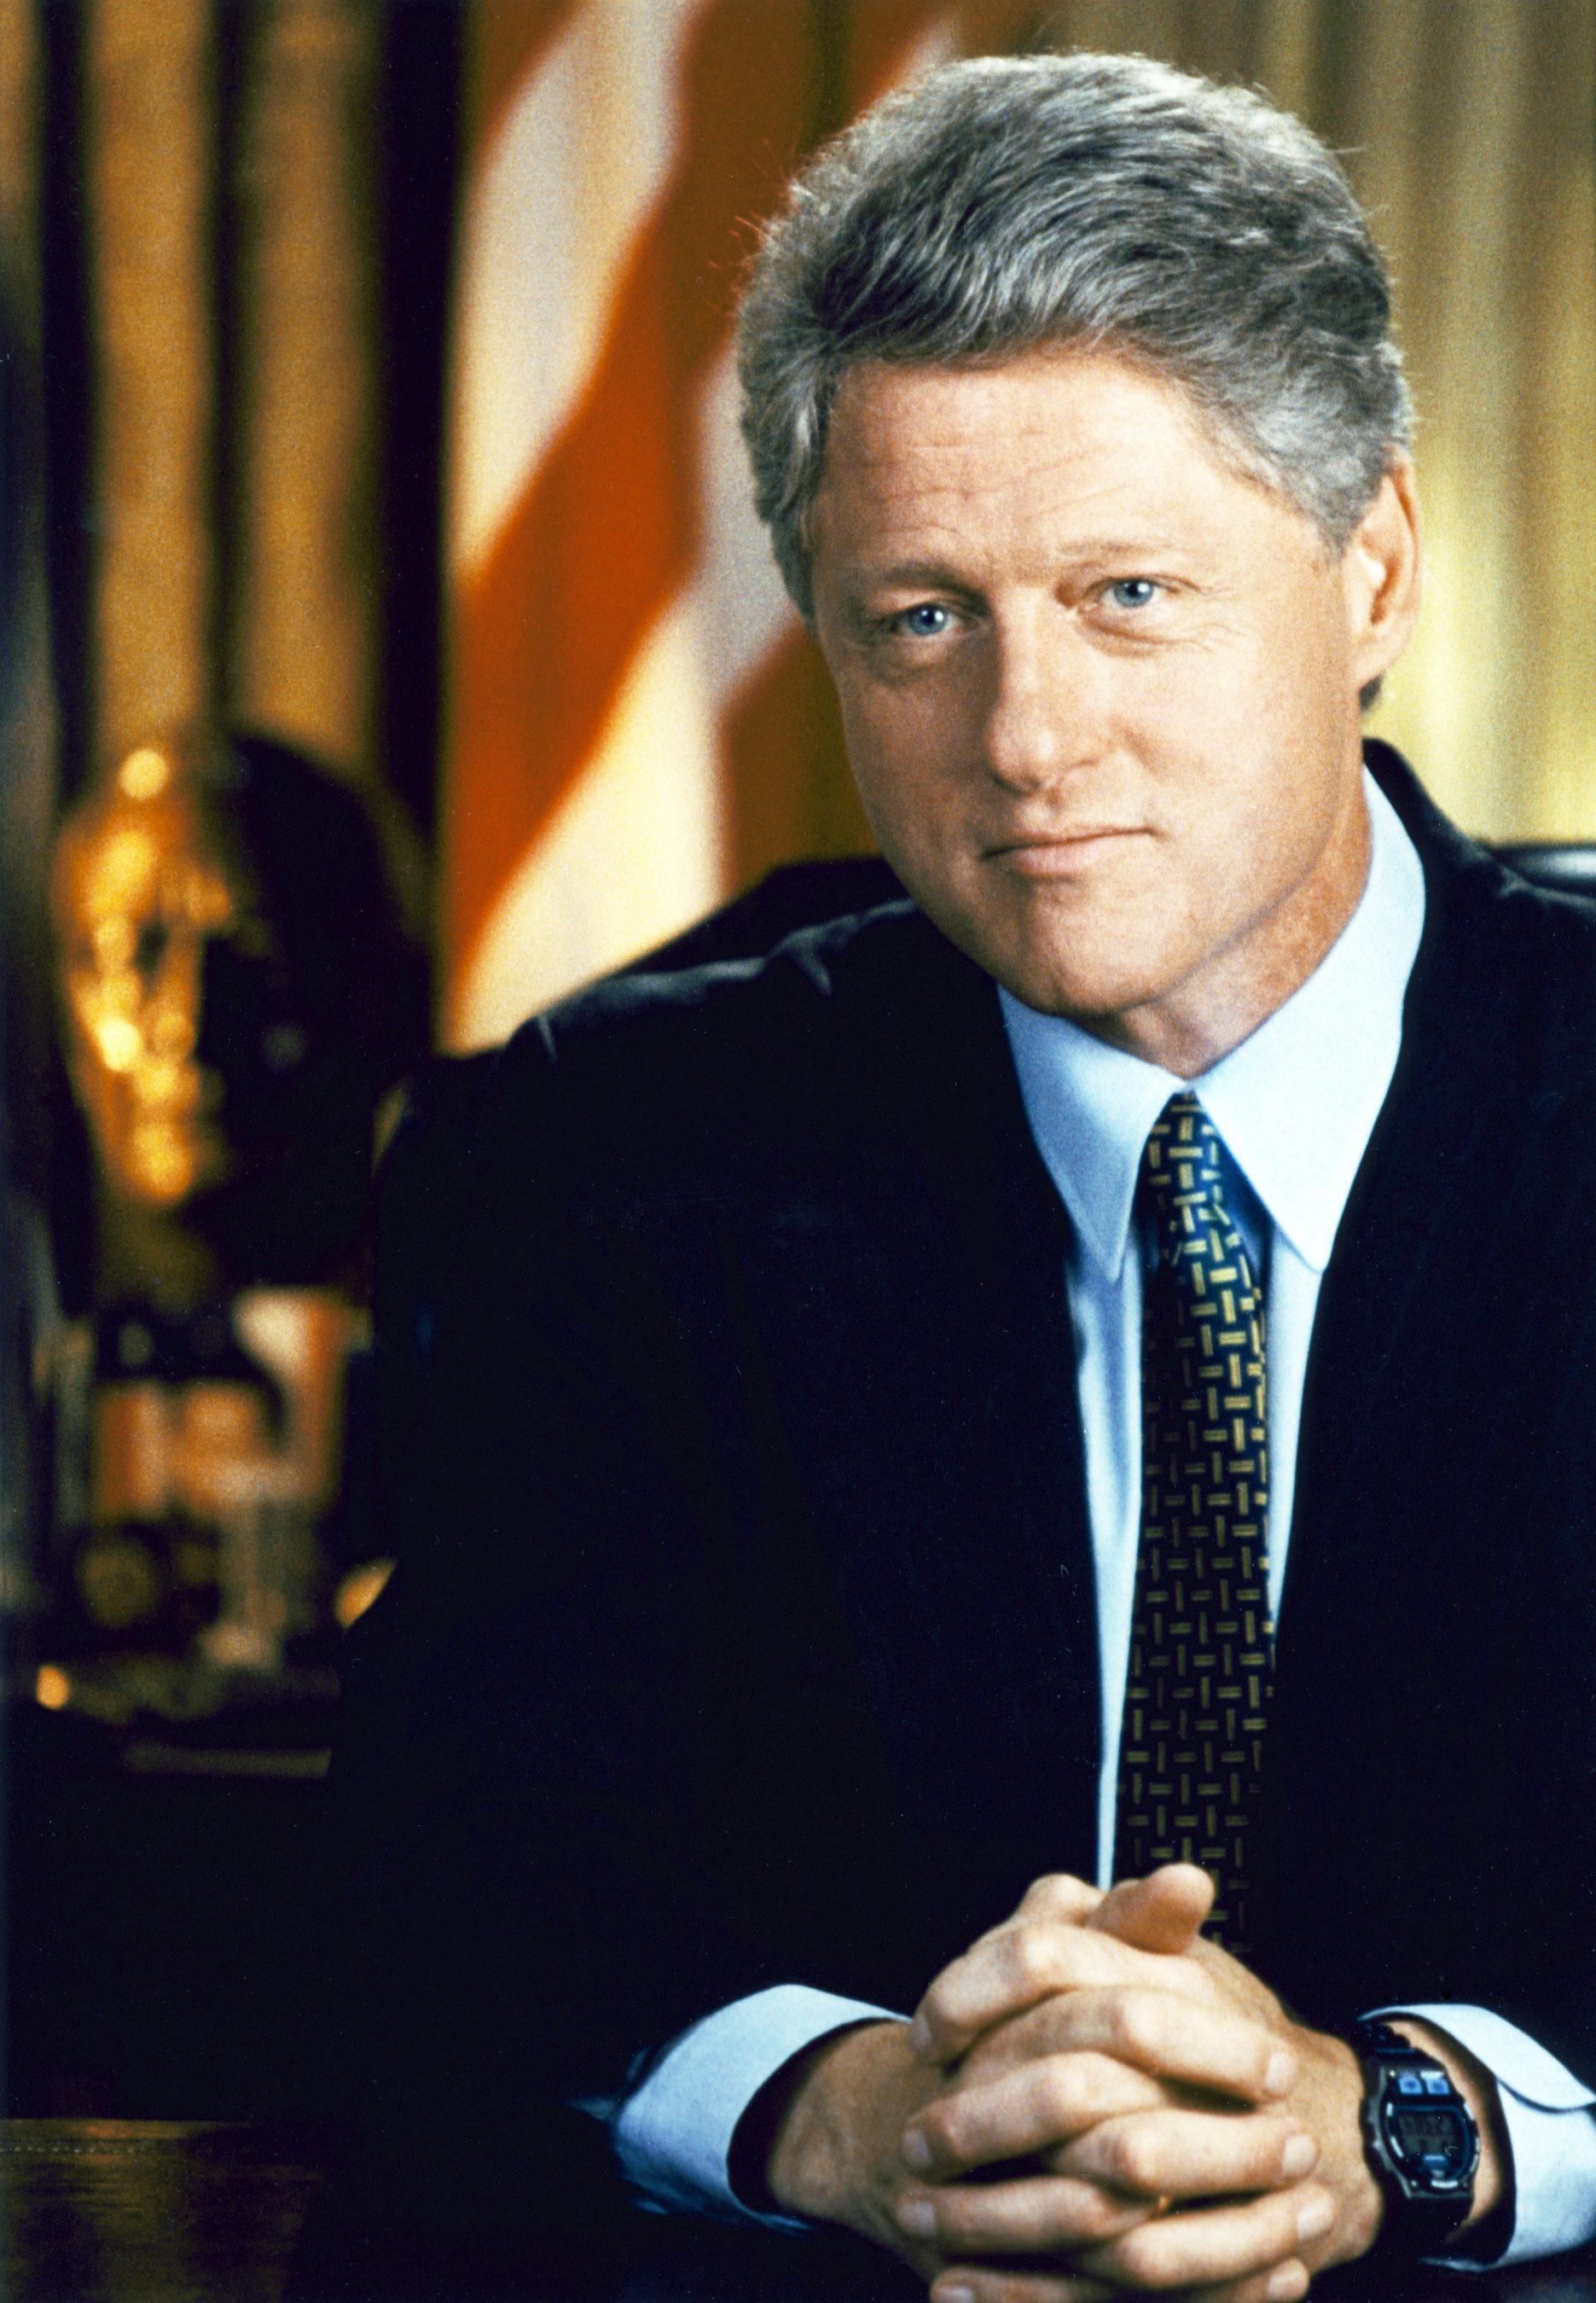 bill clinton 1993